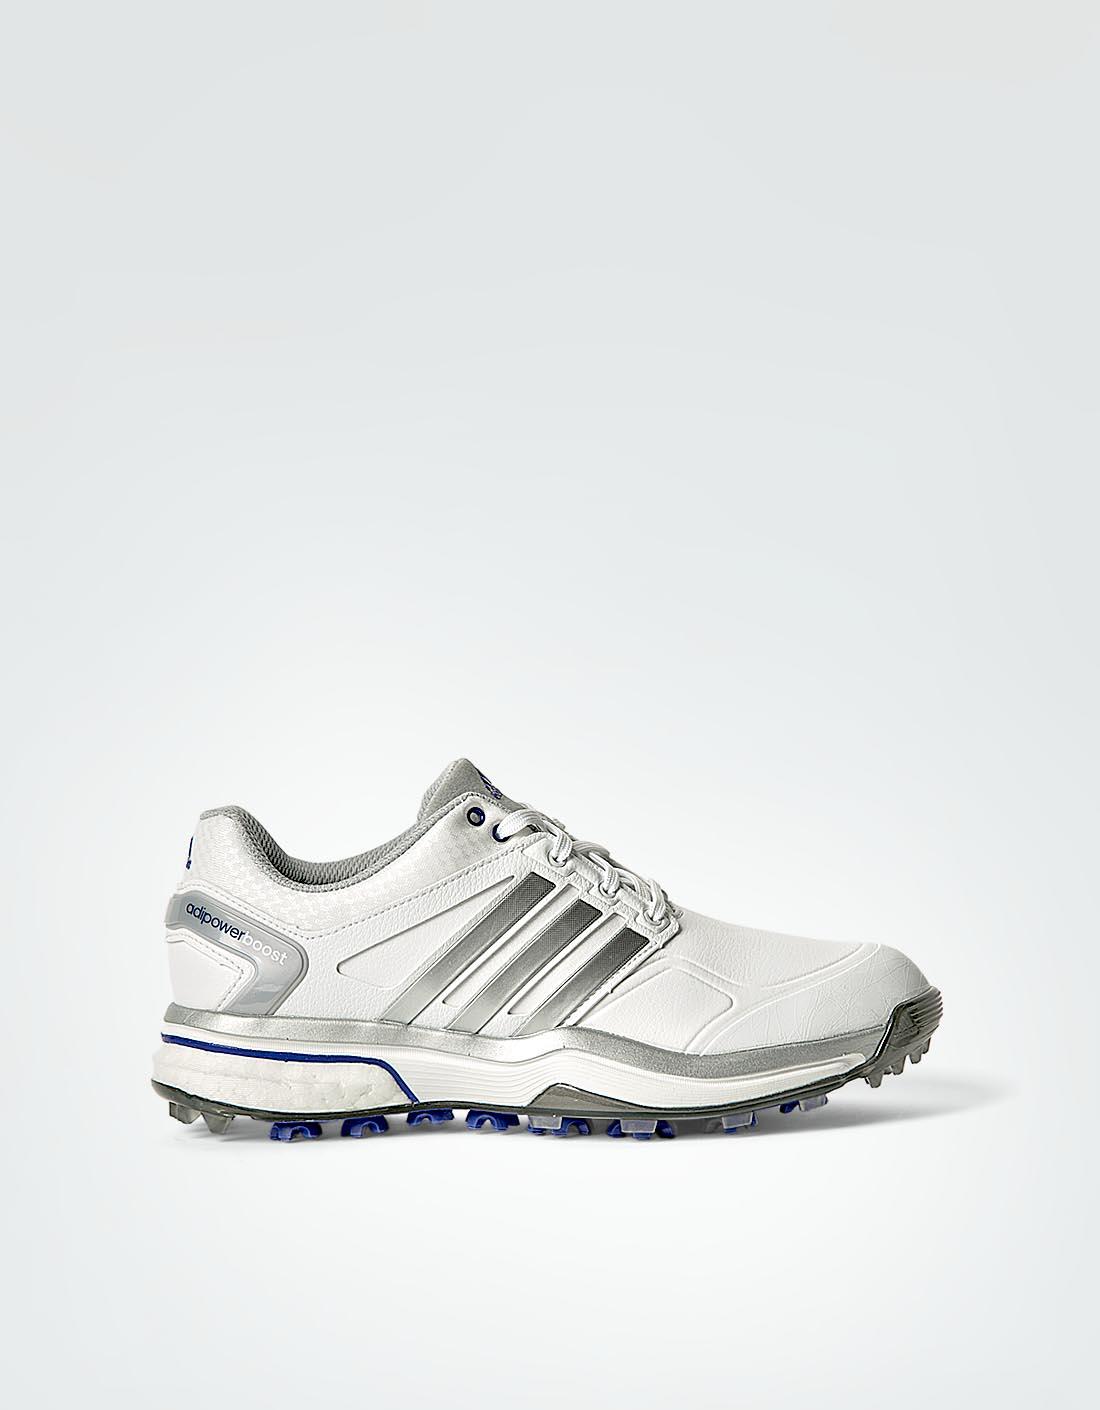 detailed look 608e3 f9931 adidas Golf Damen adipower boost white Golfschuh mit ClimaCool Funktion  empfohlen von Deinen Schwestern